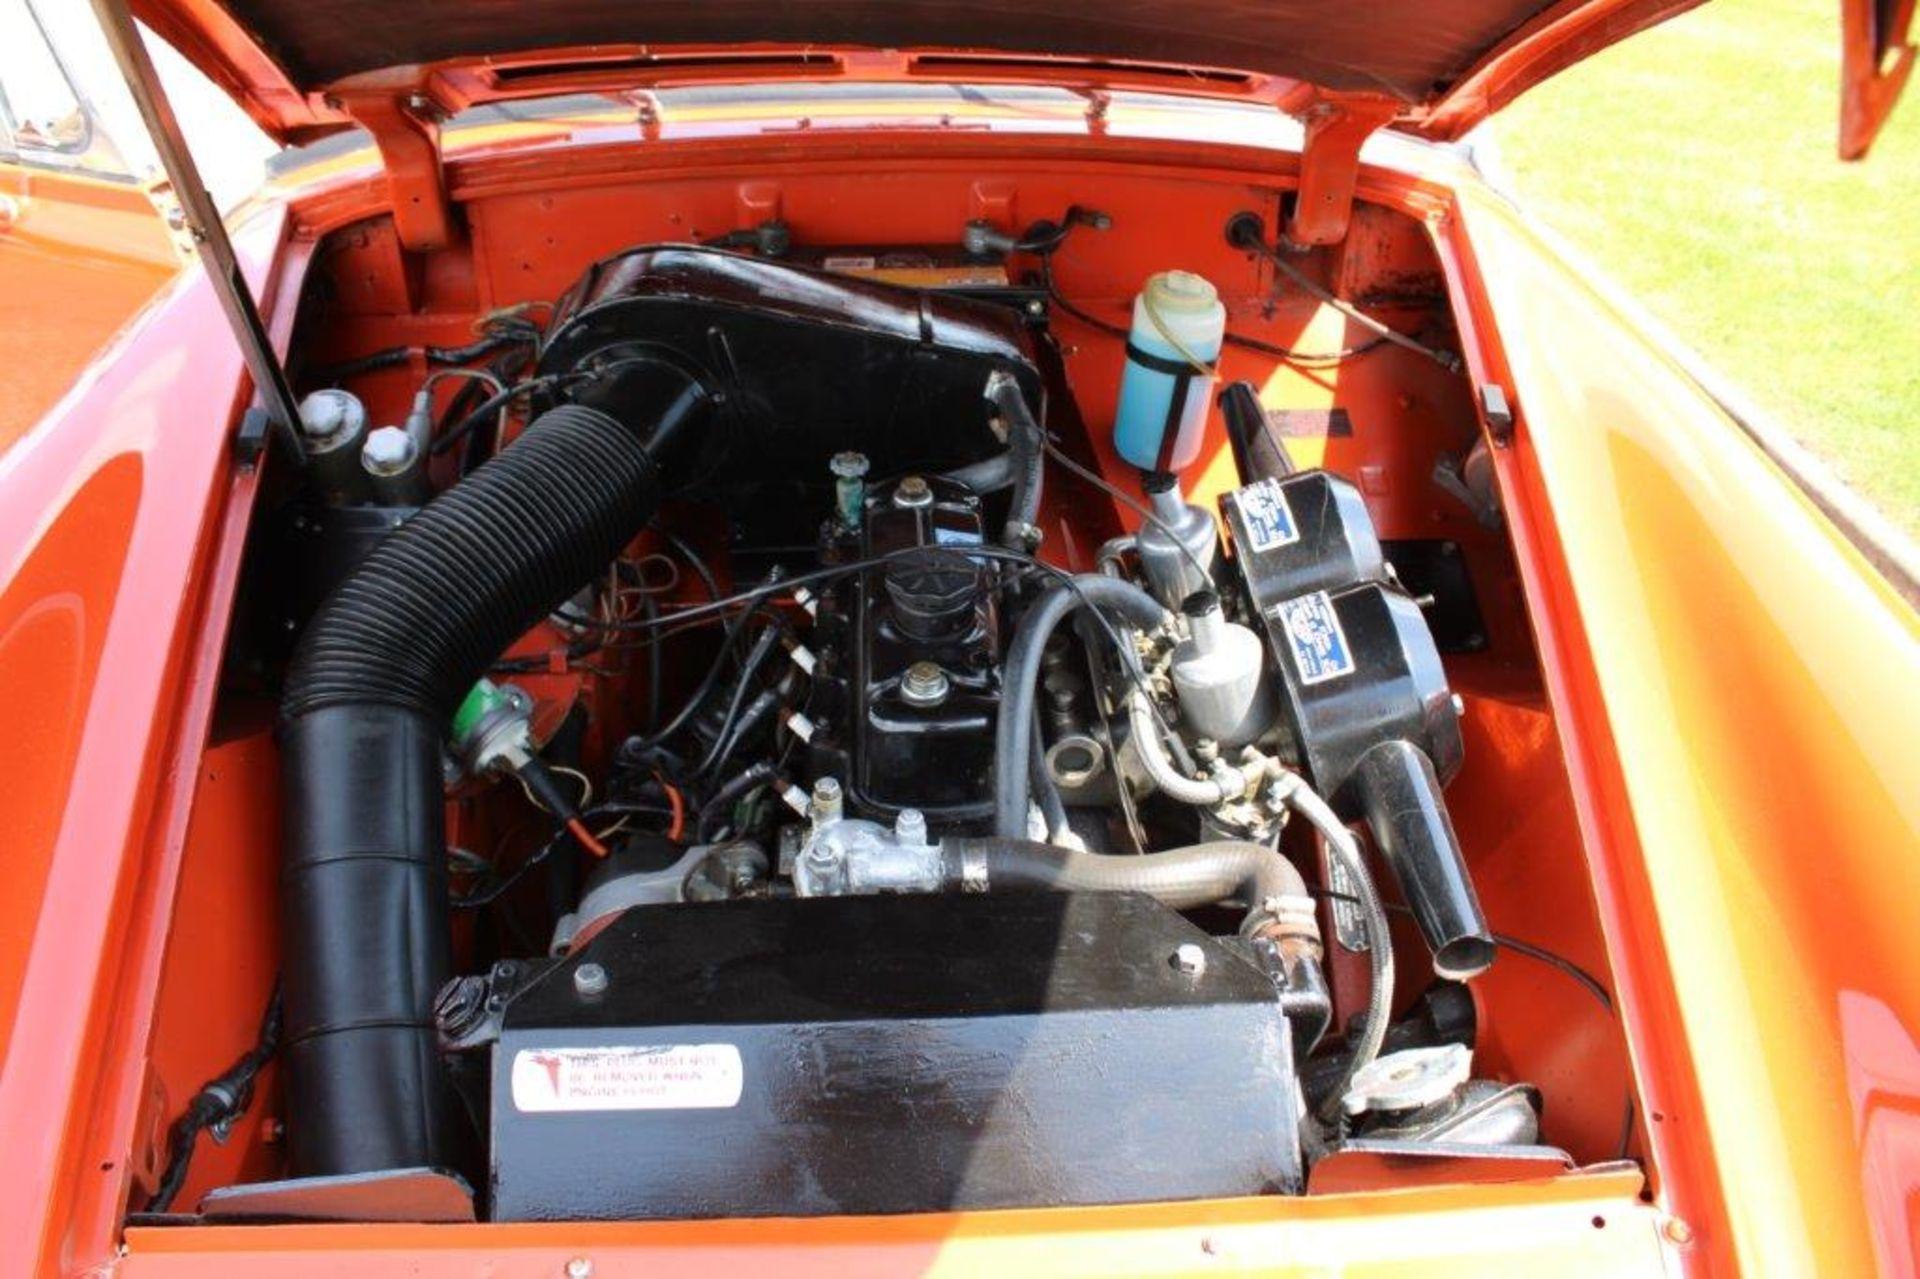 1974 MG Midget MK III - Image 16 of 30